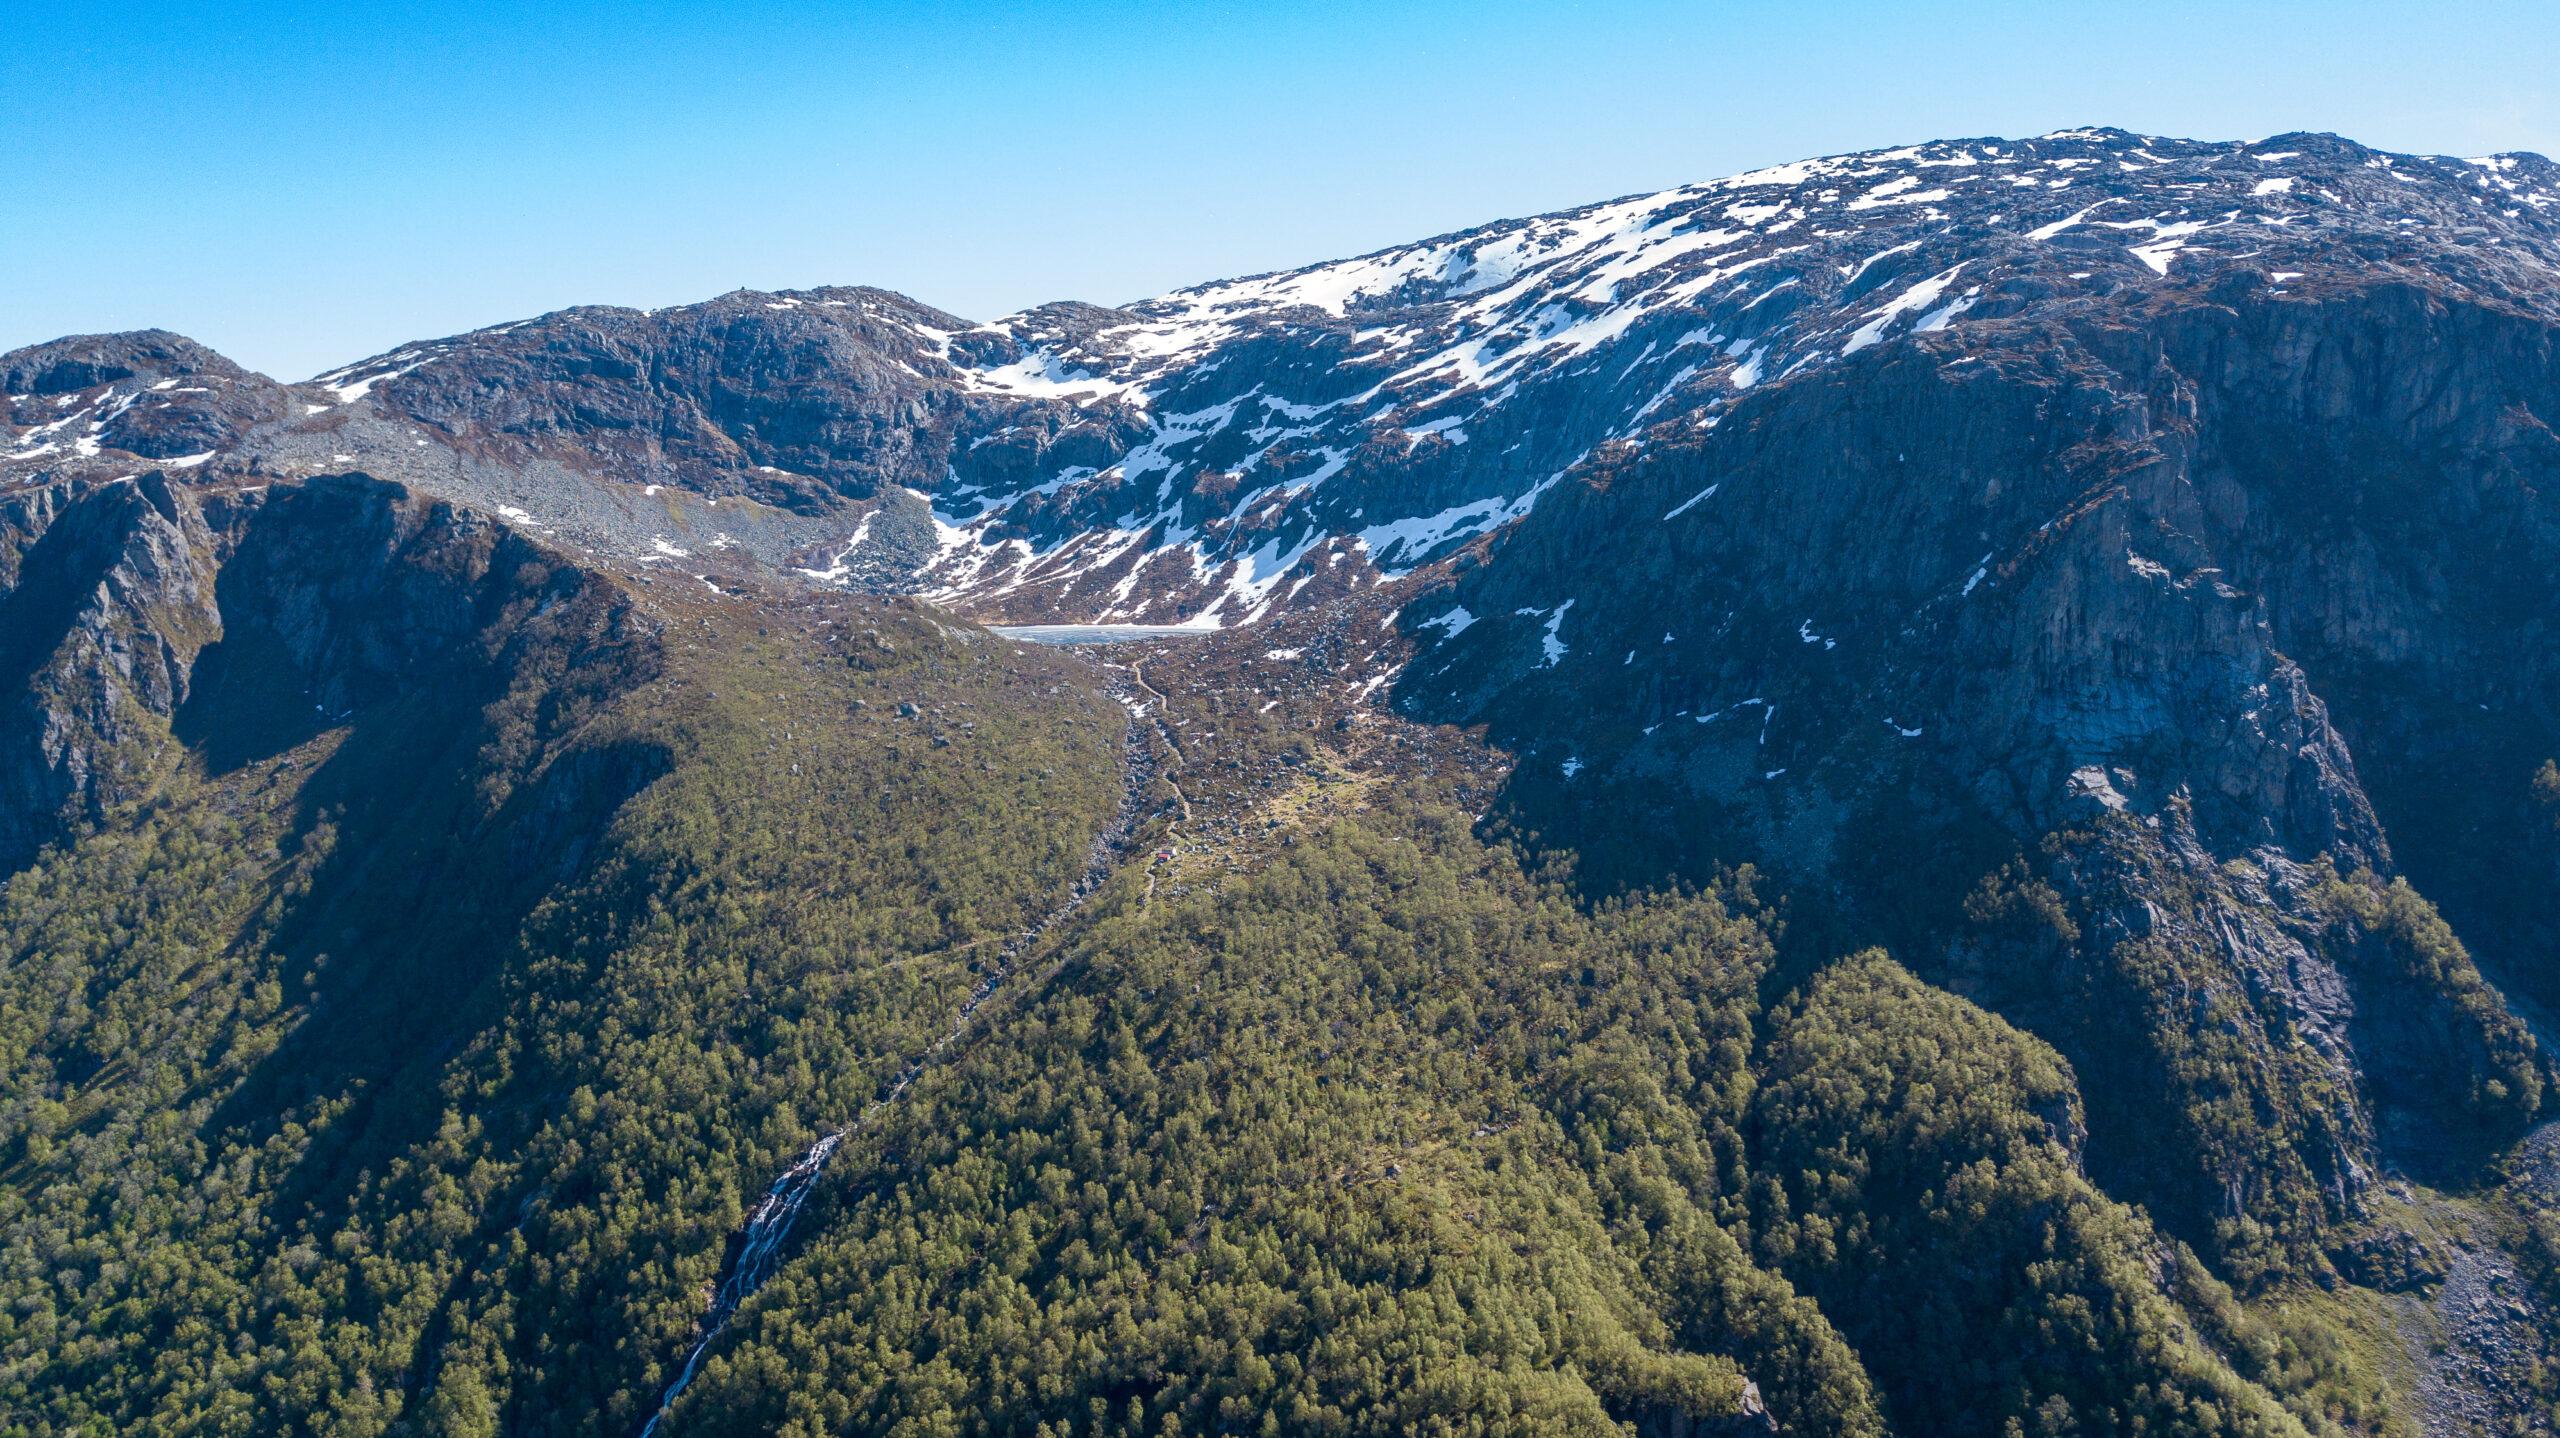 Turistveien til Folgefonna går svingete opp fjellsidene og forbi seteren Gardshammar midt i bildet.